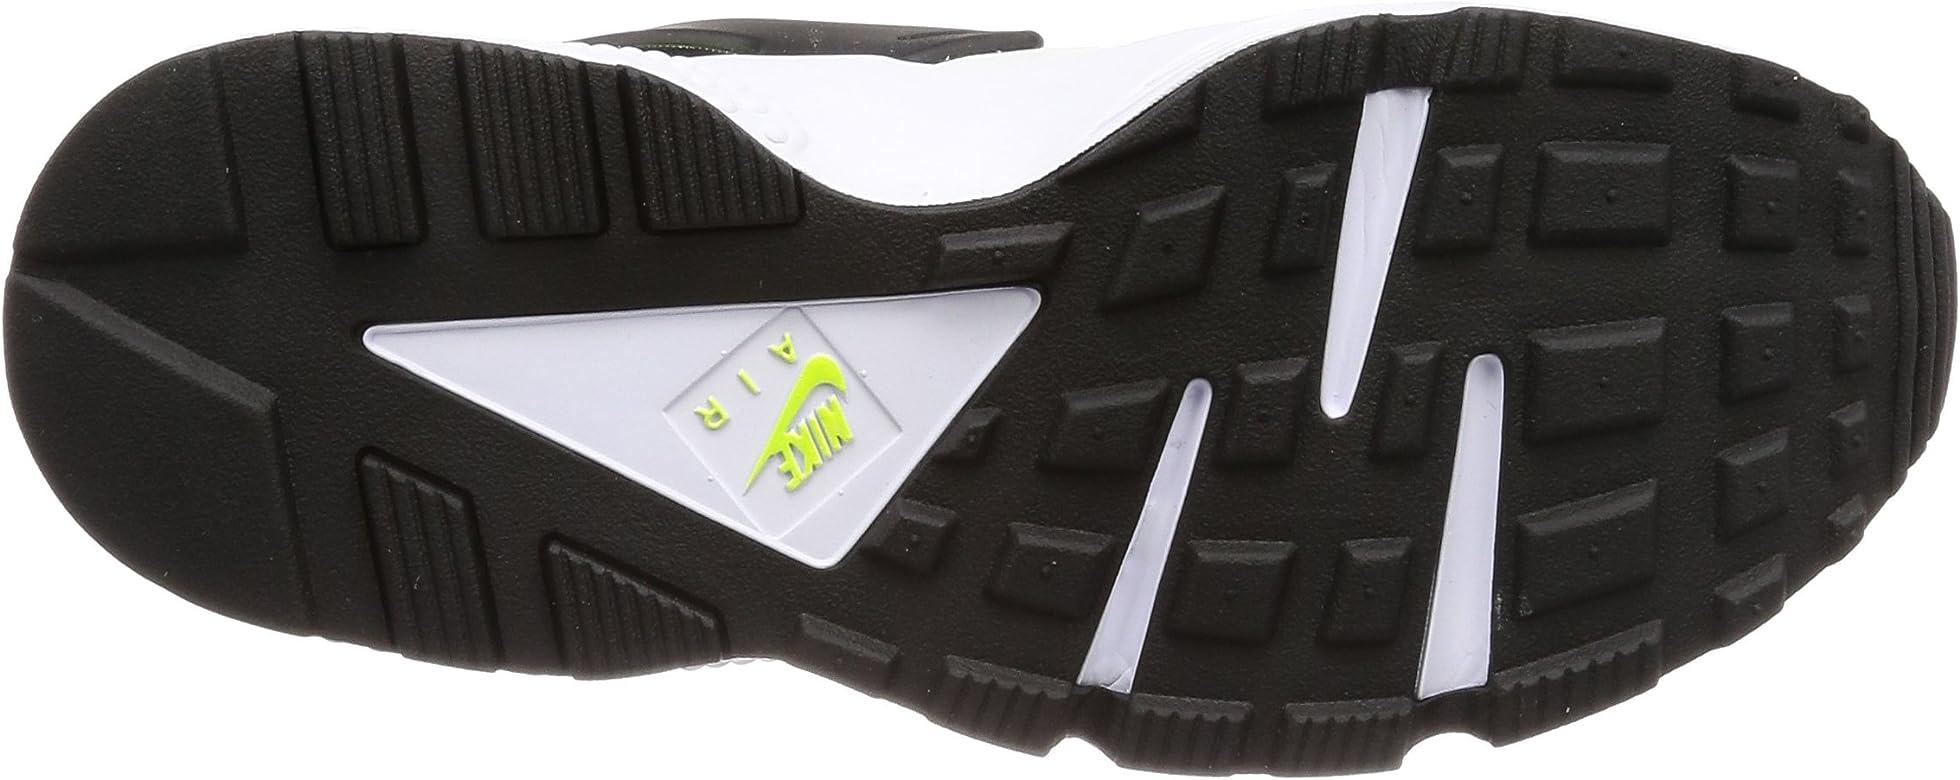 Nike Air Huarache Run 91 QS Hombre Running Trainers AH8049 ...